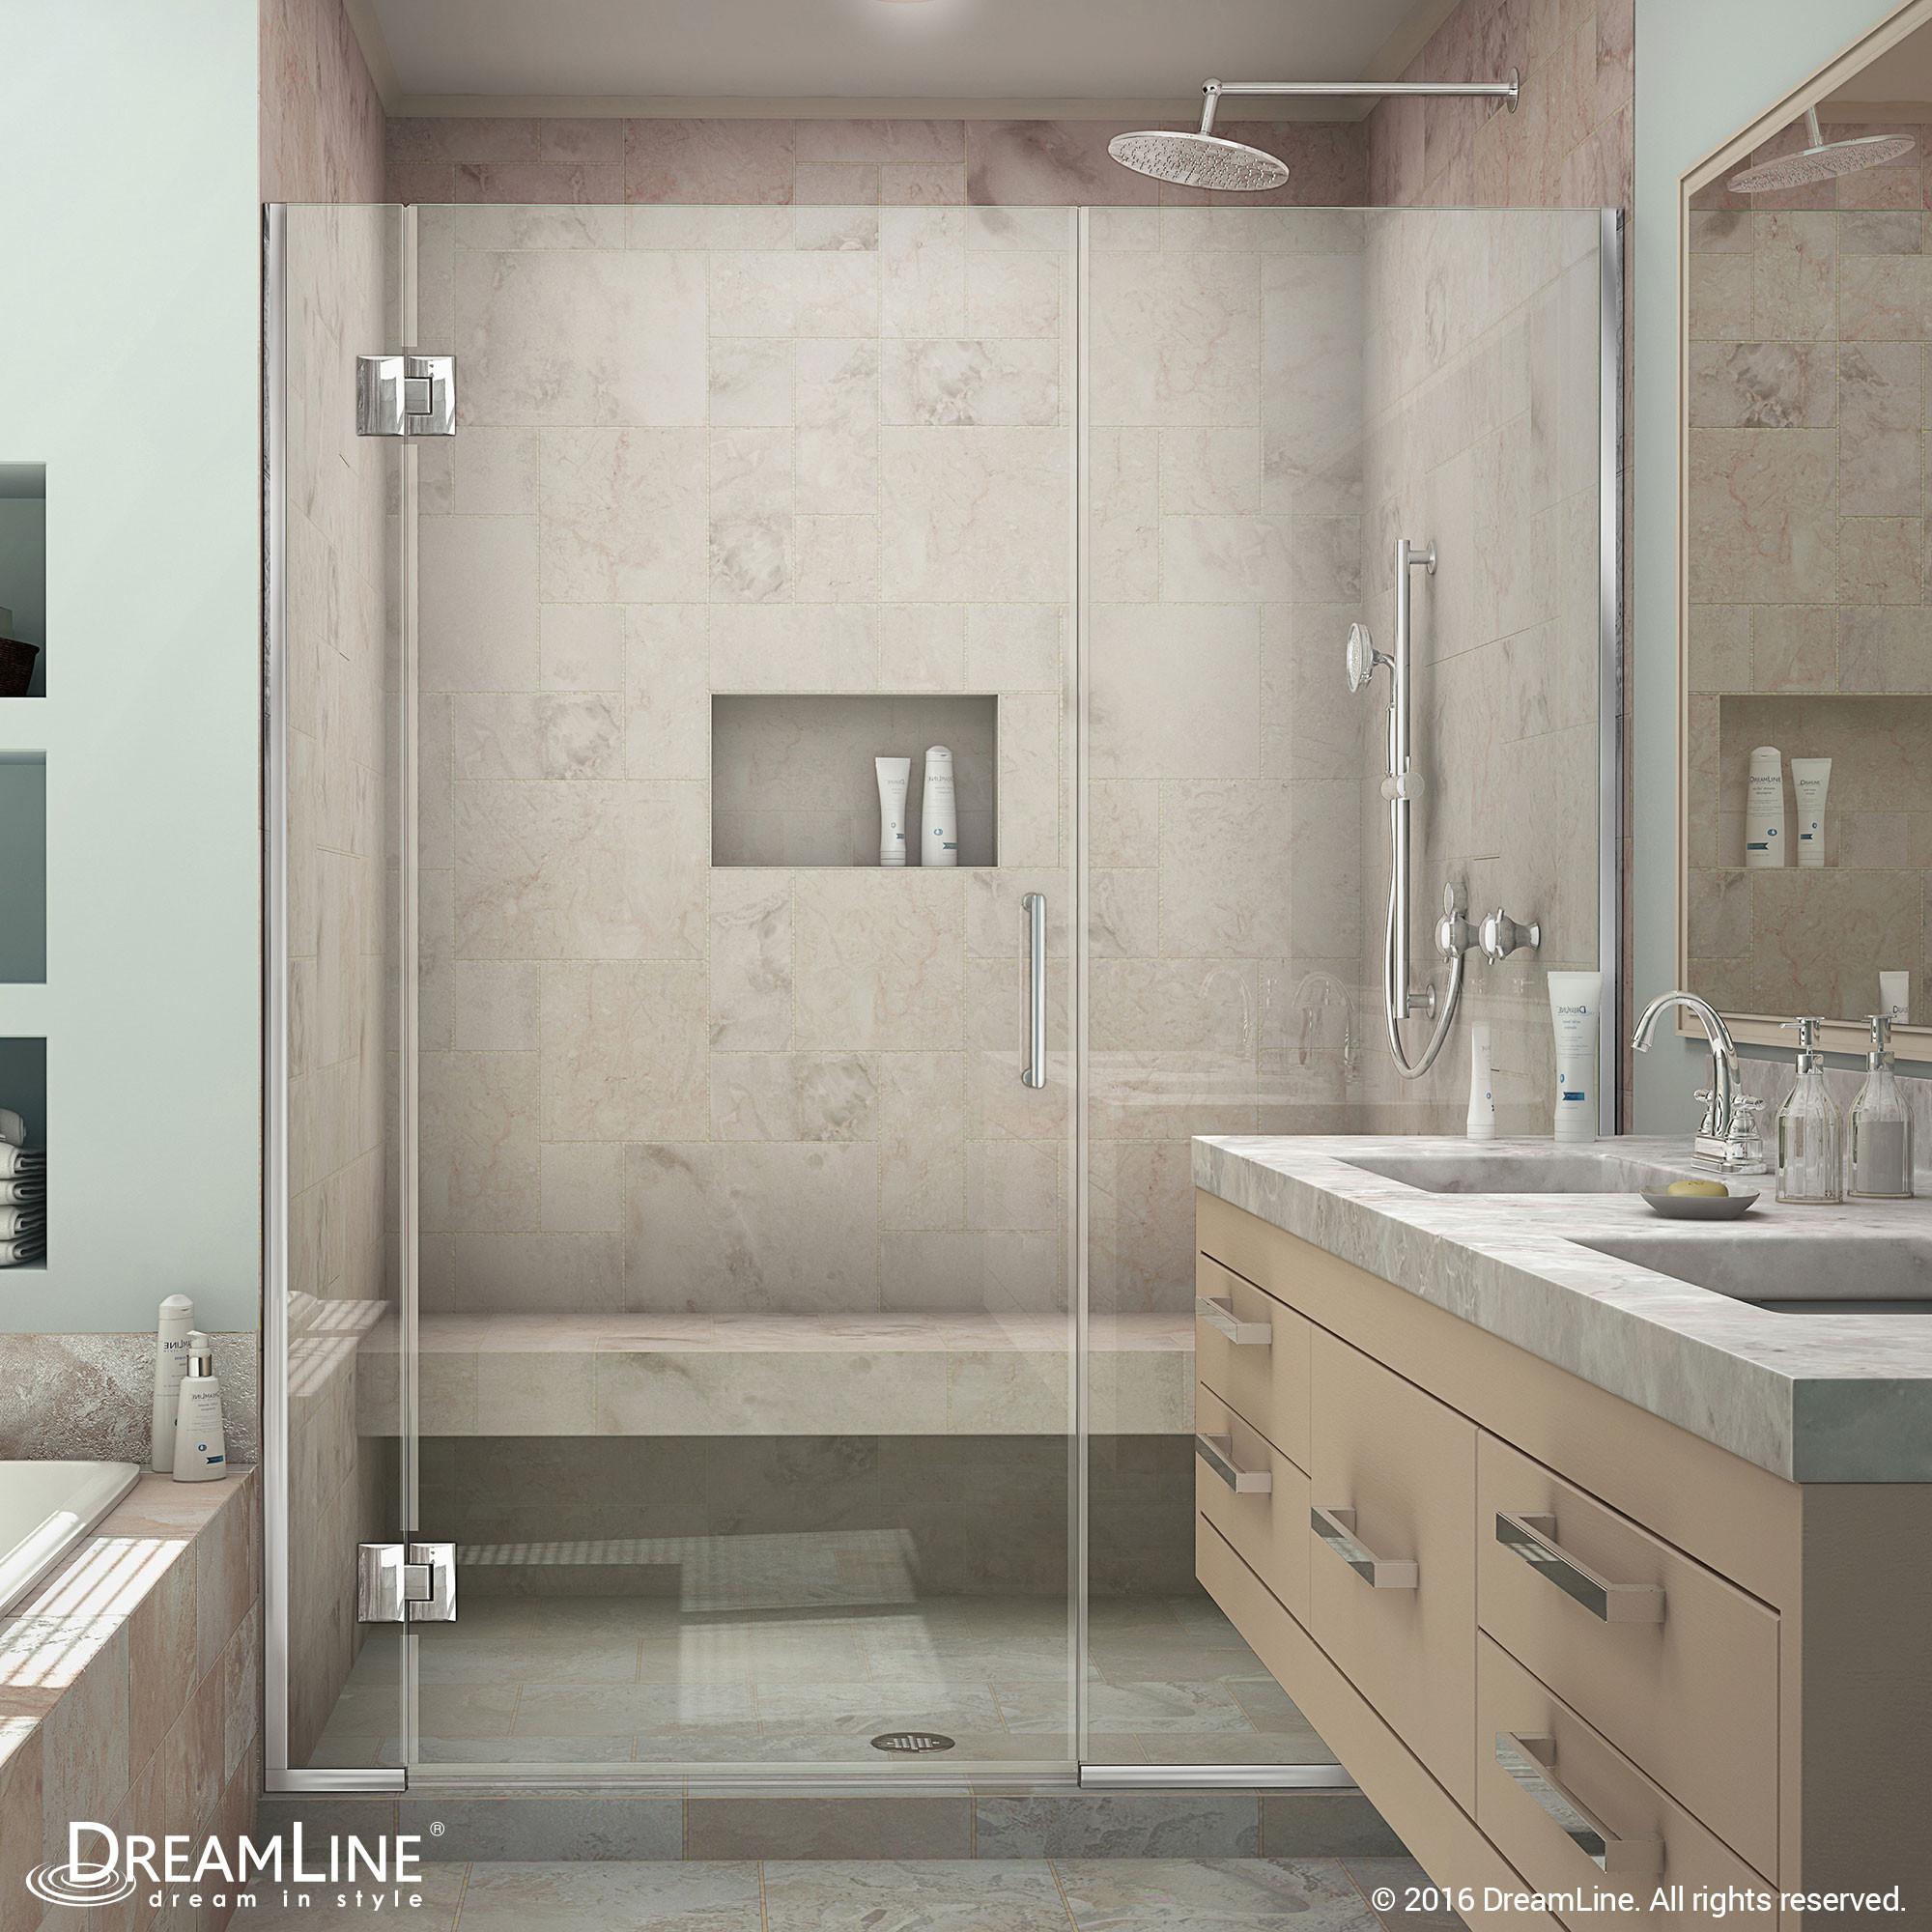 DreamLine D12606572-01 Unidoor-X 38 1/2 - 39 in. W x 72 in. H Hinged Shower Door in Chrome